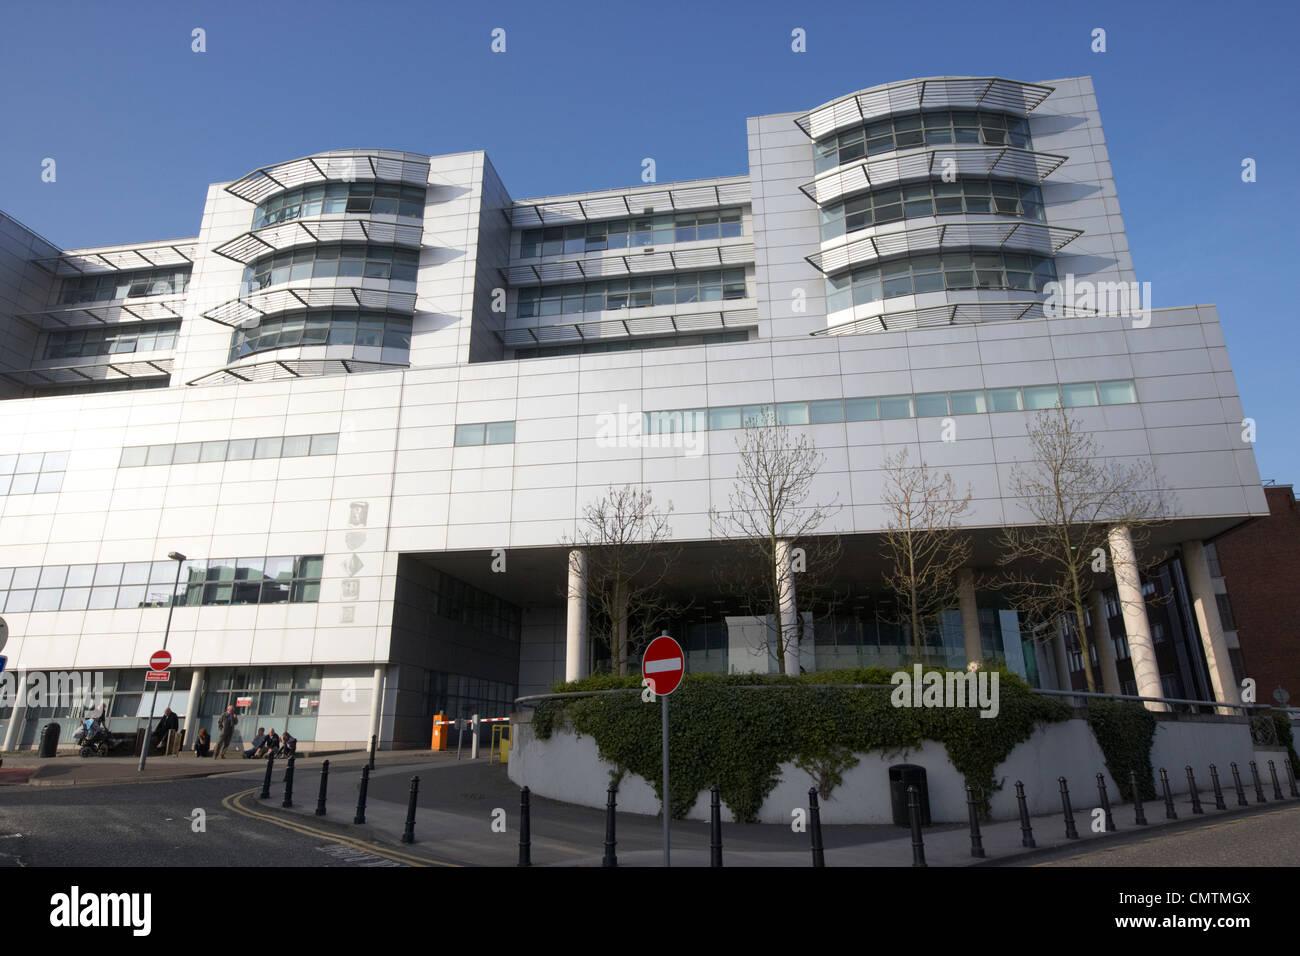 Eingang zum Royal Victoria Hospital West Belfast Nordirland Vereinigtes Königreich Stockbild